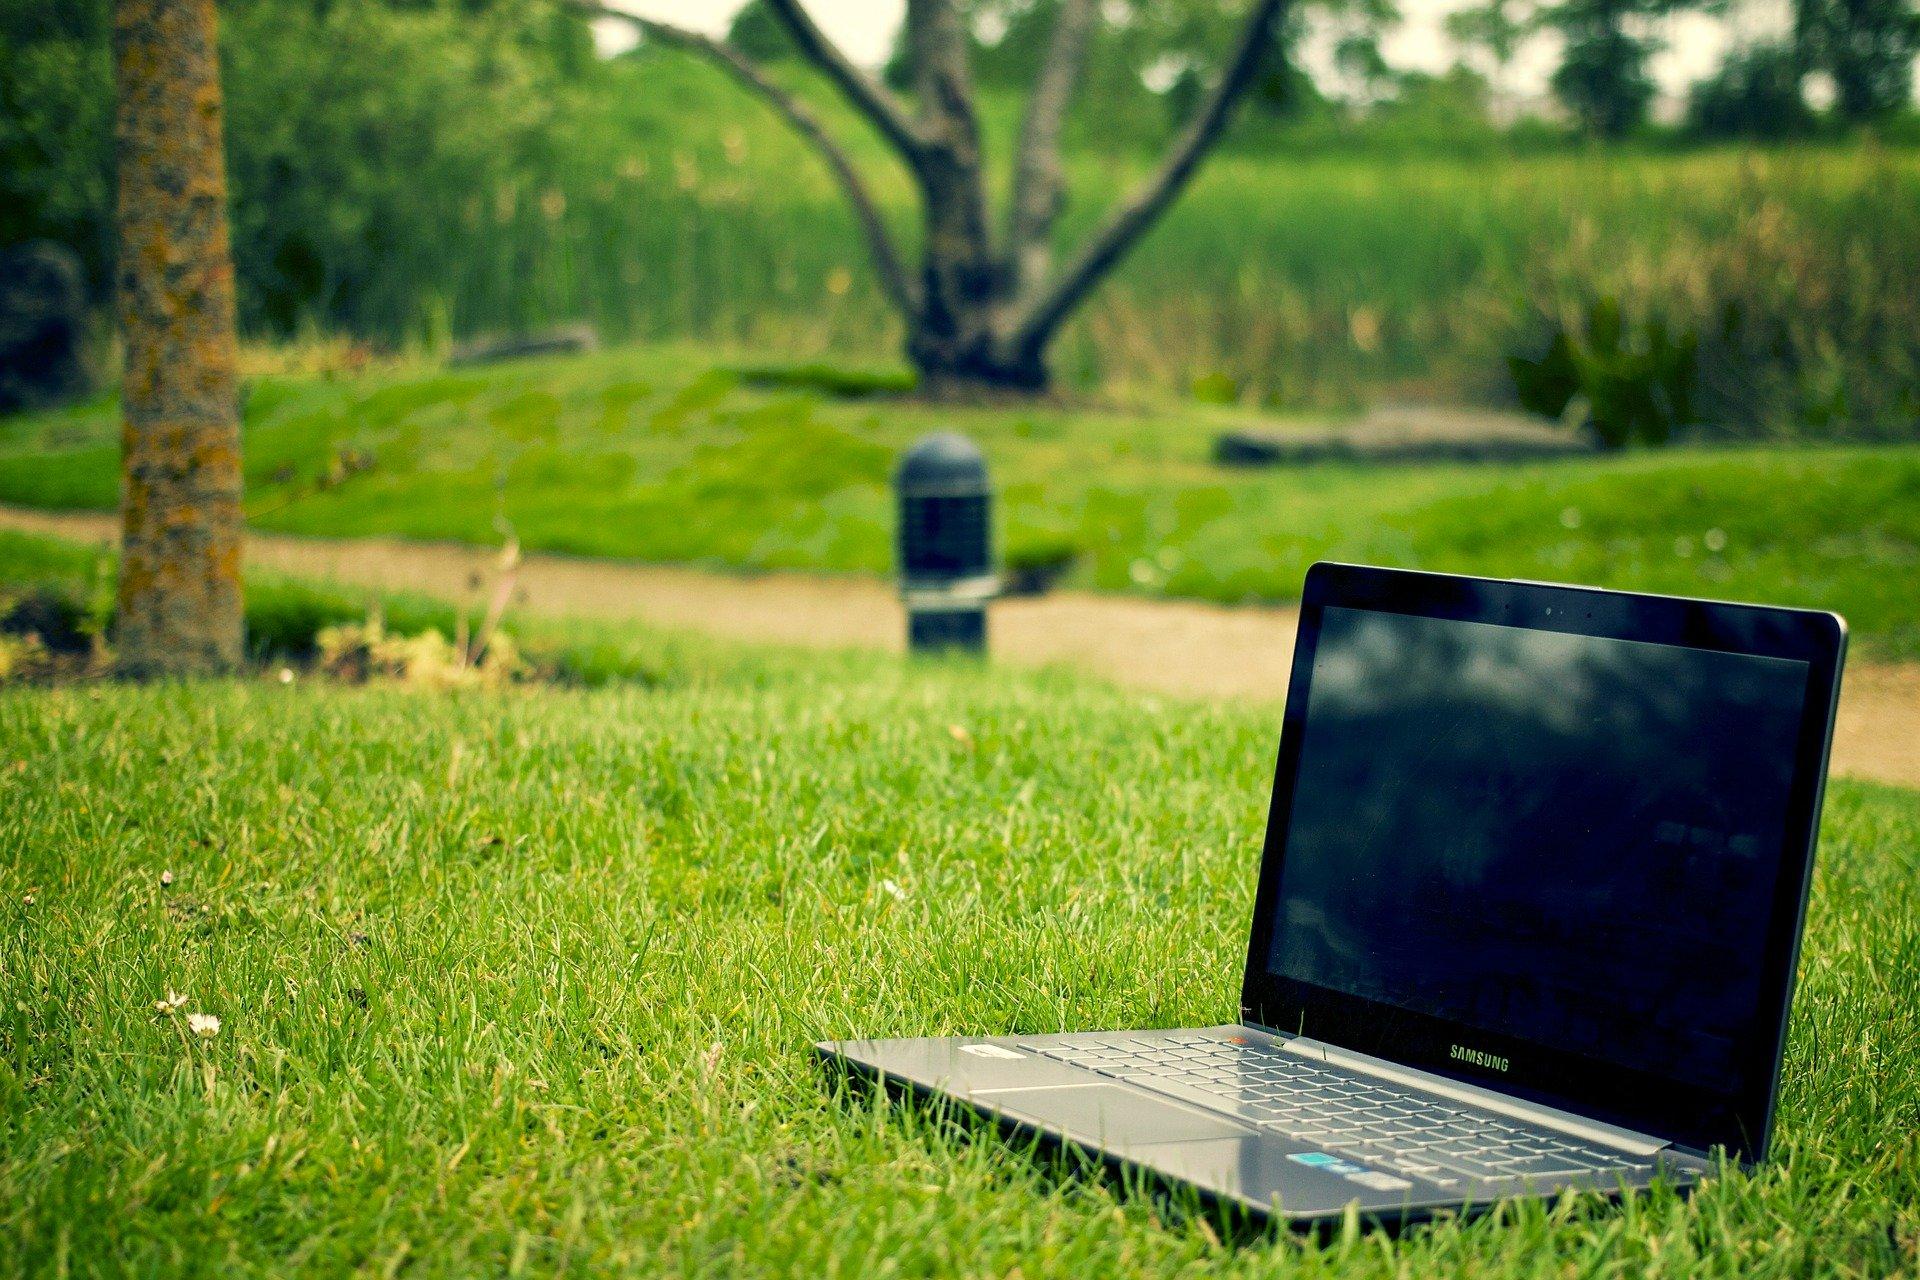 Lapttp große Rasenfläche notebook-405755_1920